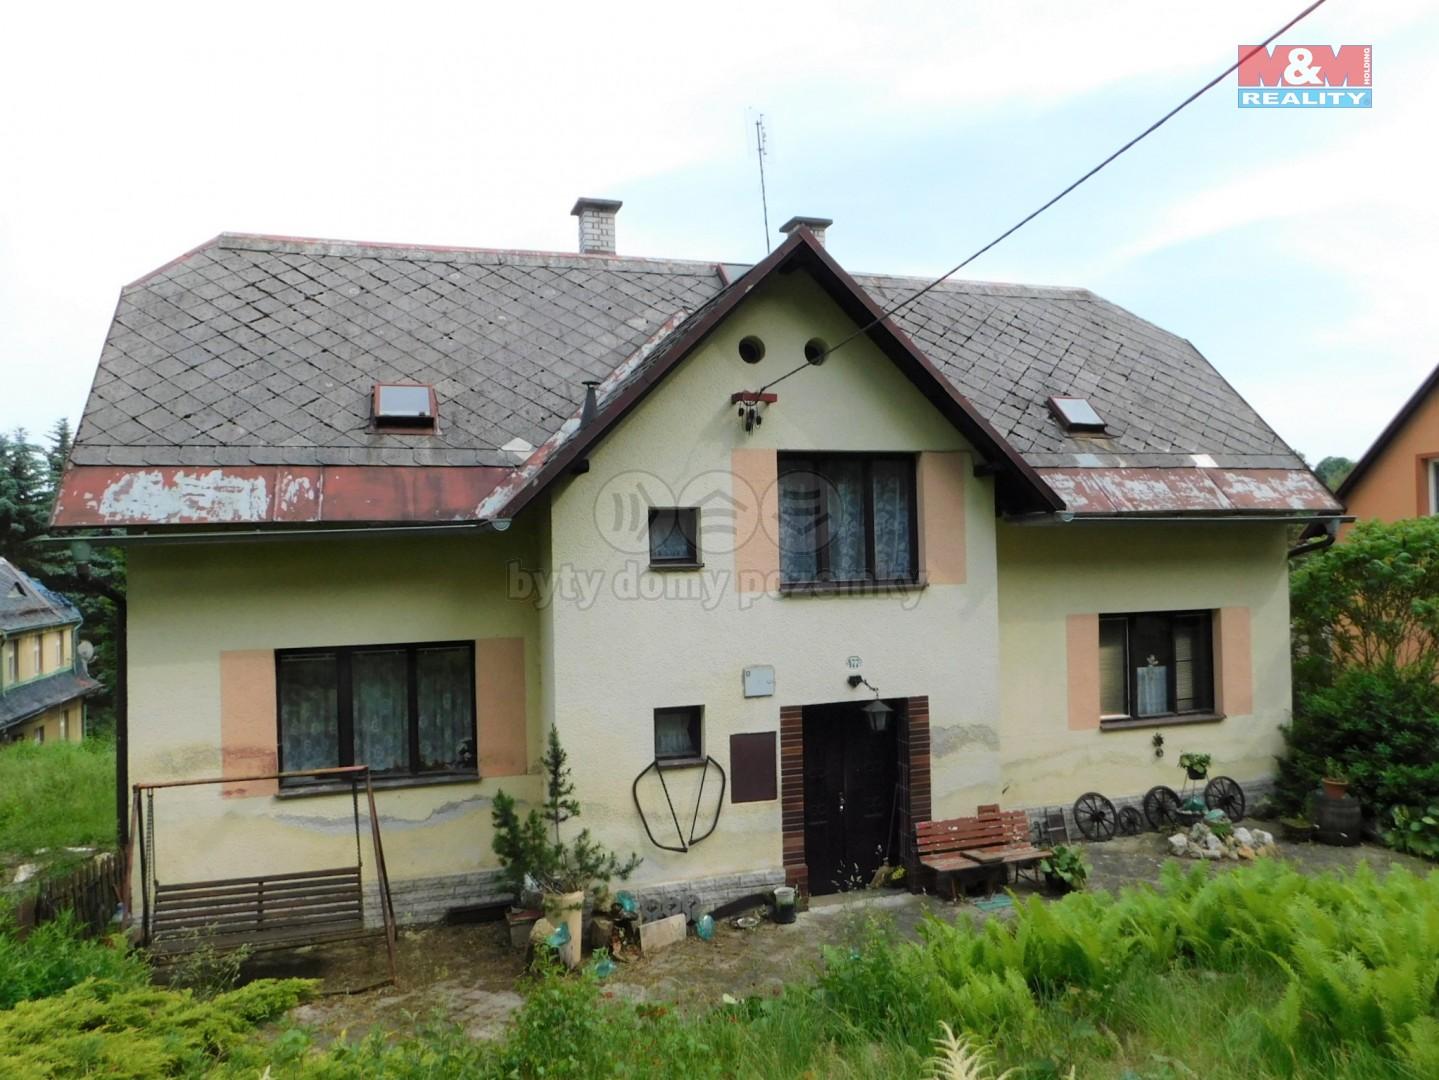 (Prodej, rodinný dům, 5+1, 102 m2, Hranice, ul. Habrmanova), foto 1/30